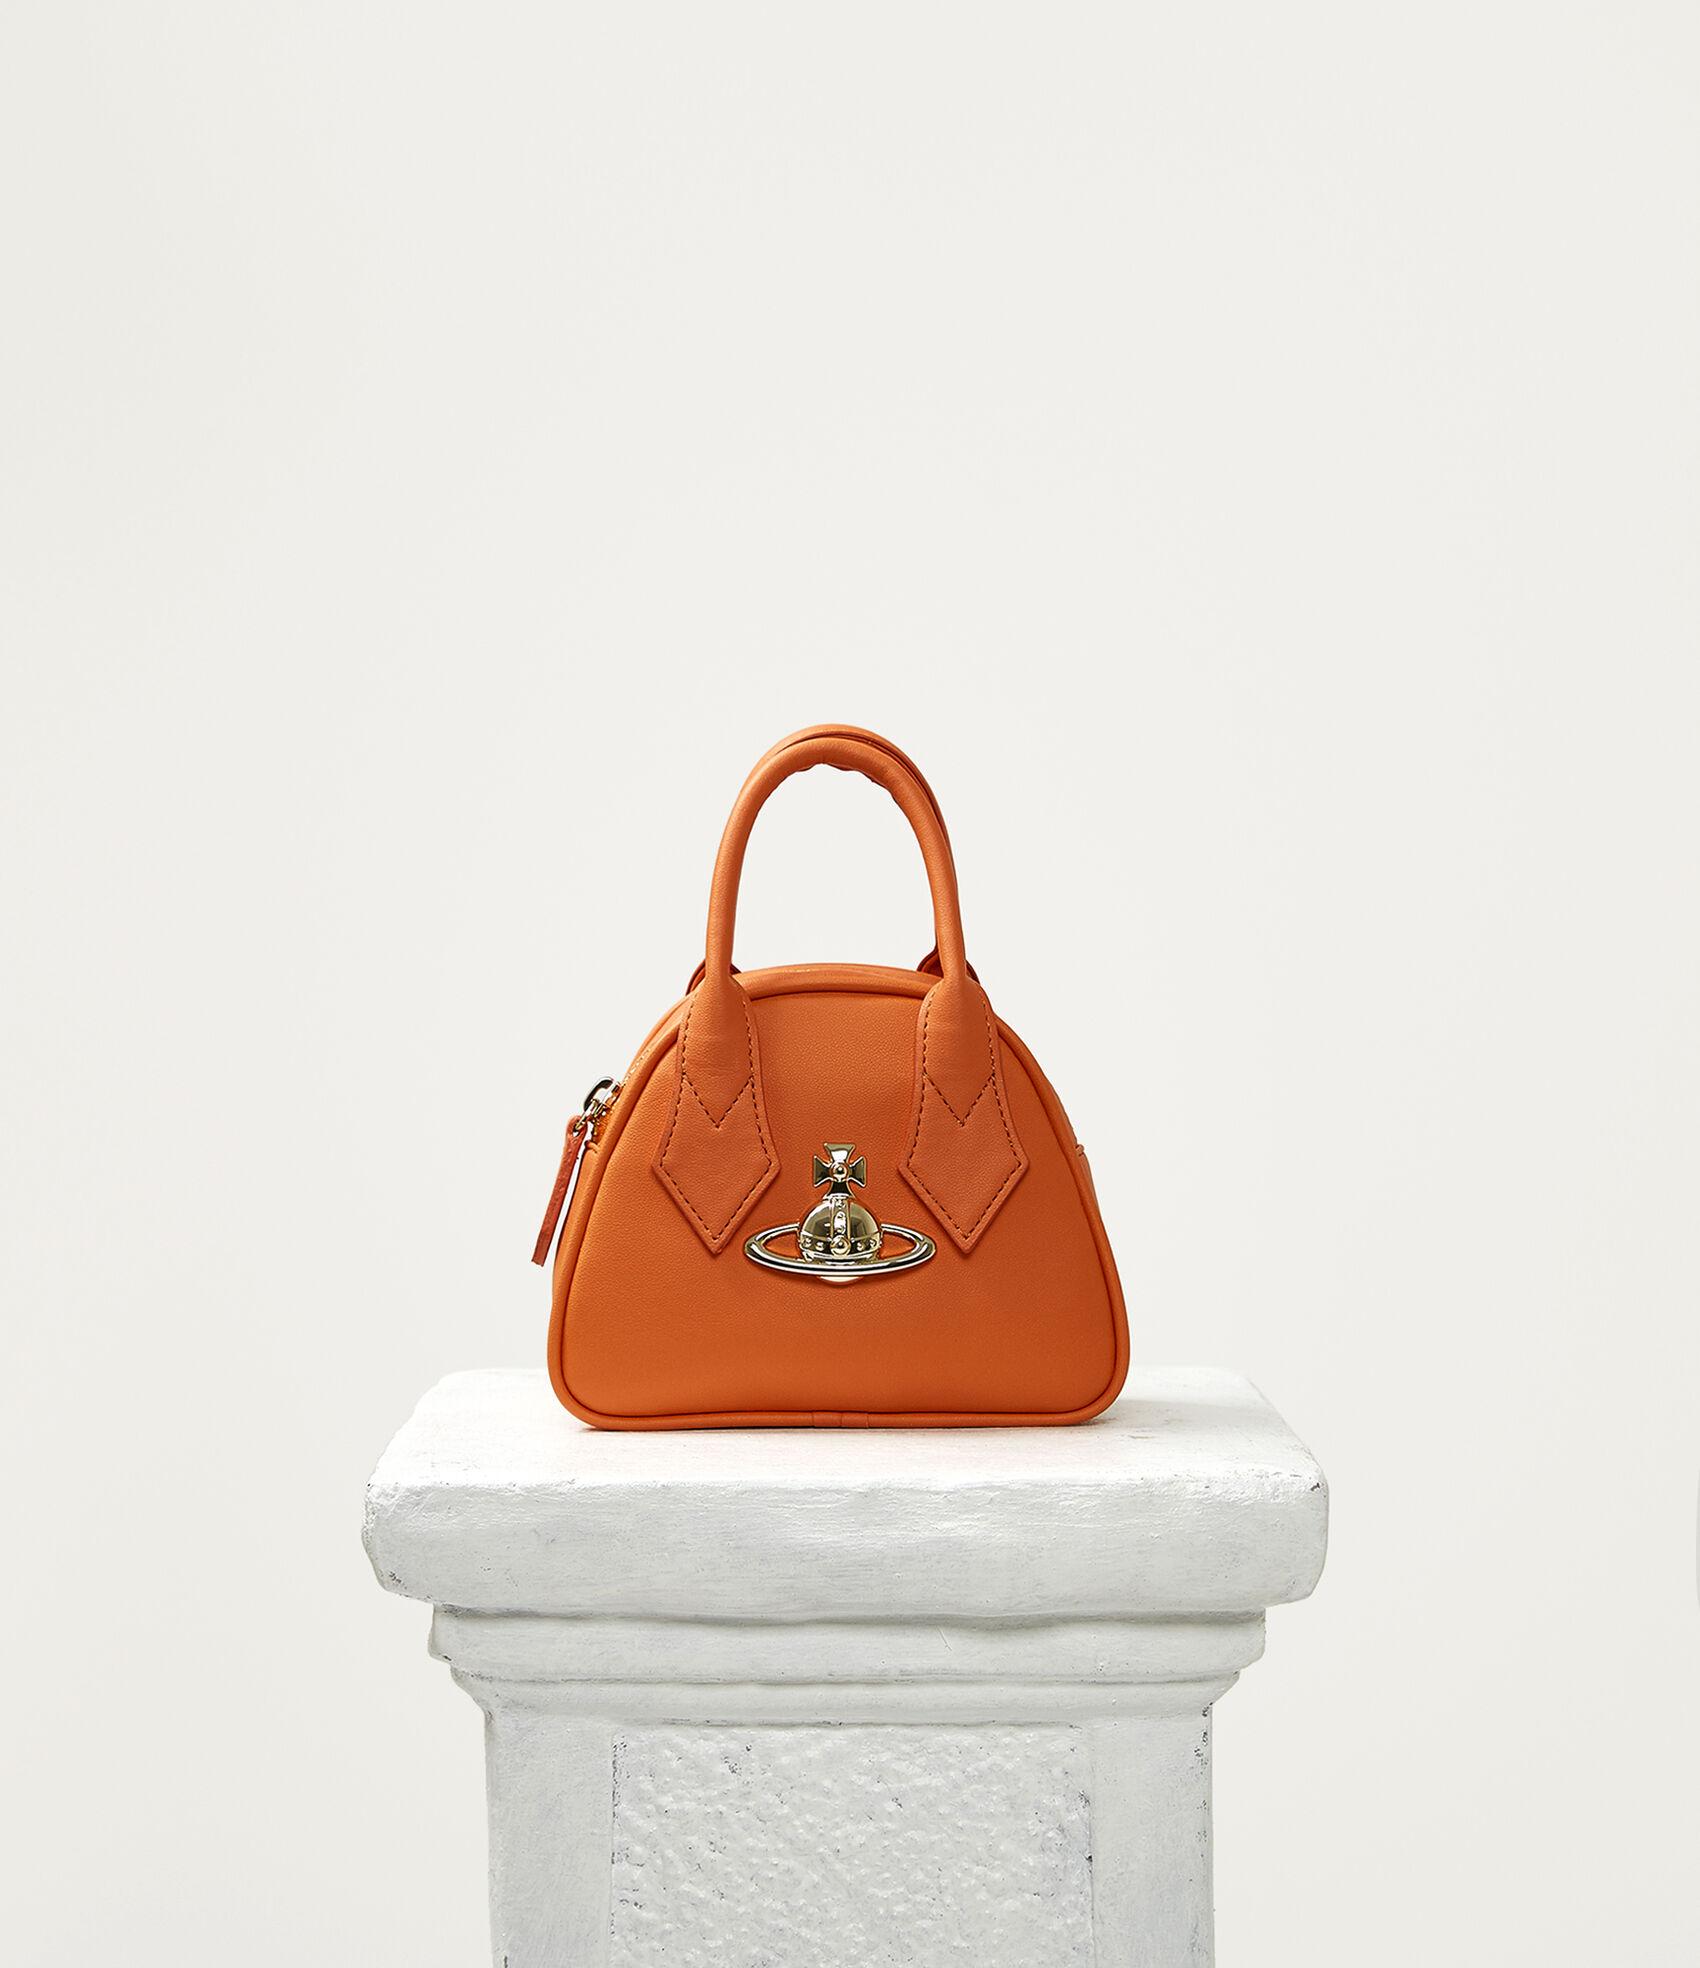 Vivienne Westwood Handbags Women S Bags